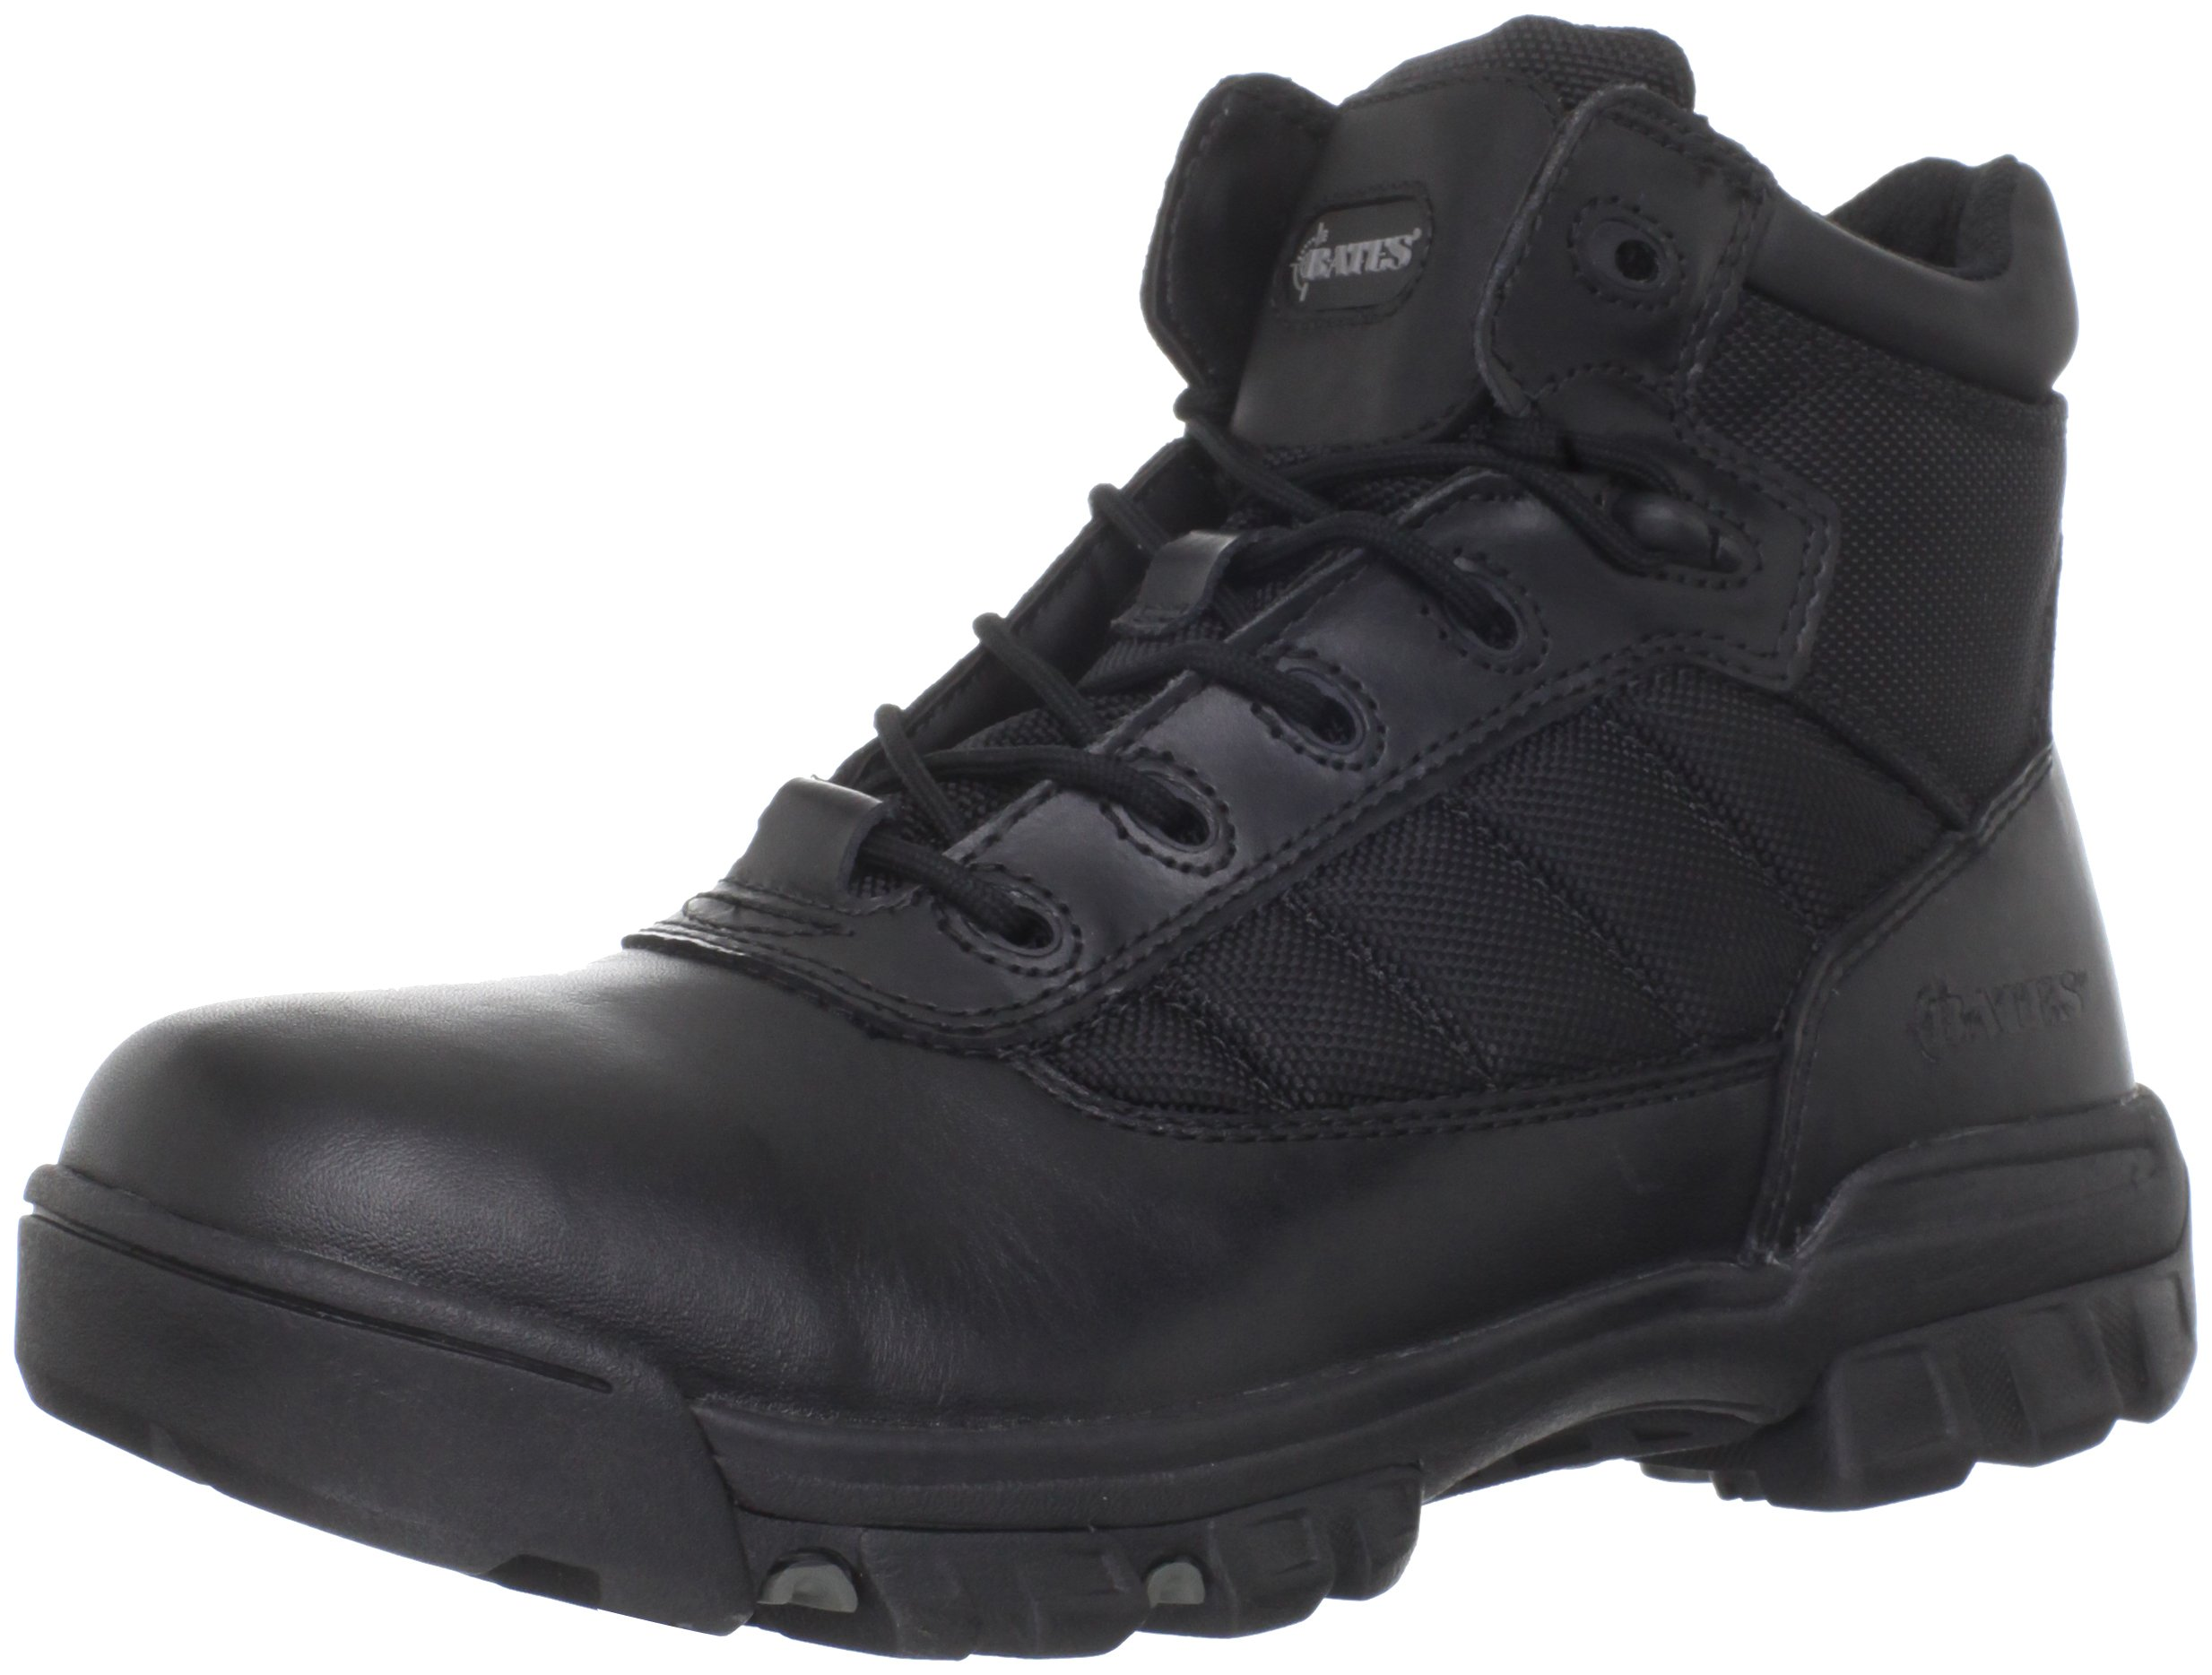 Bates Men's Enforcer 5 Inch Nylon Leather Uniform Boot, Black, 12 M US by Bates